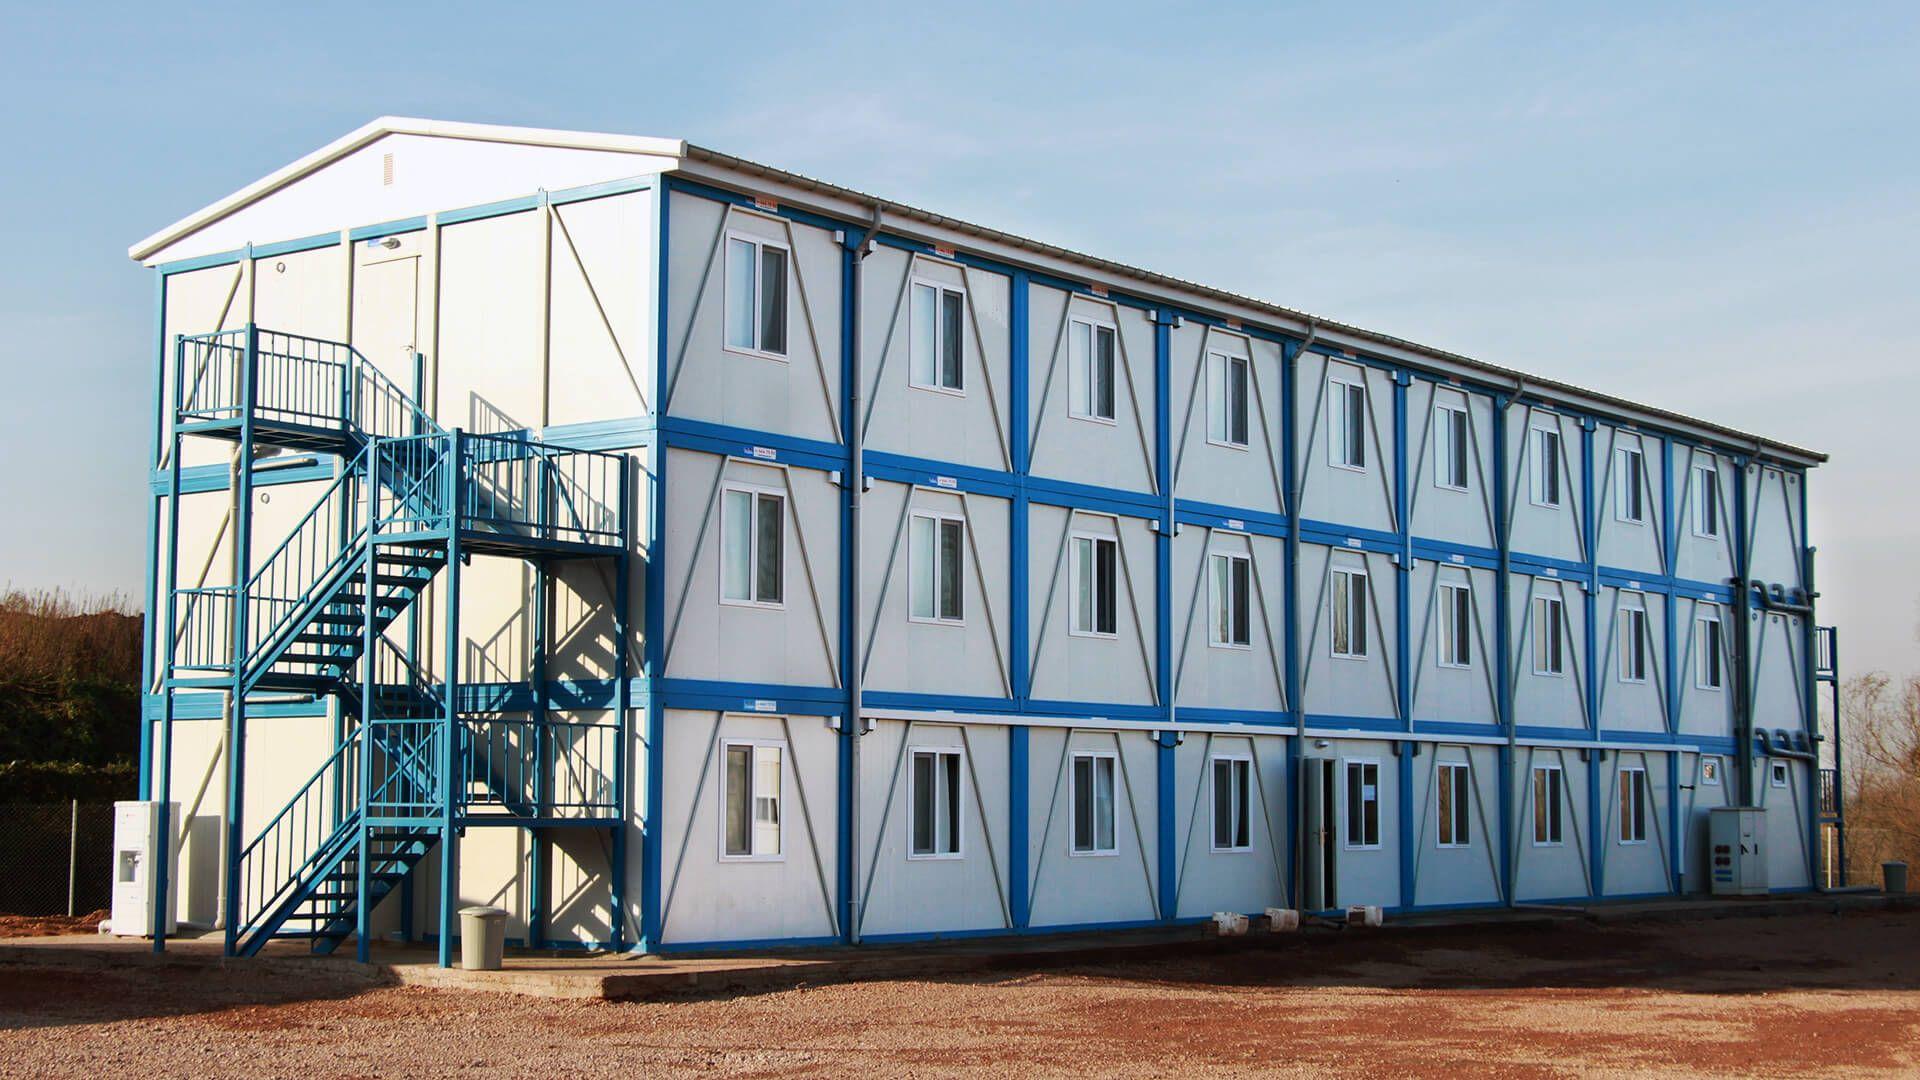 prefabrik-yatakhane-binasi-ofis-sandvic-panel-kamp-mencamp-man-santiye-hafif-celik